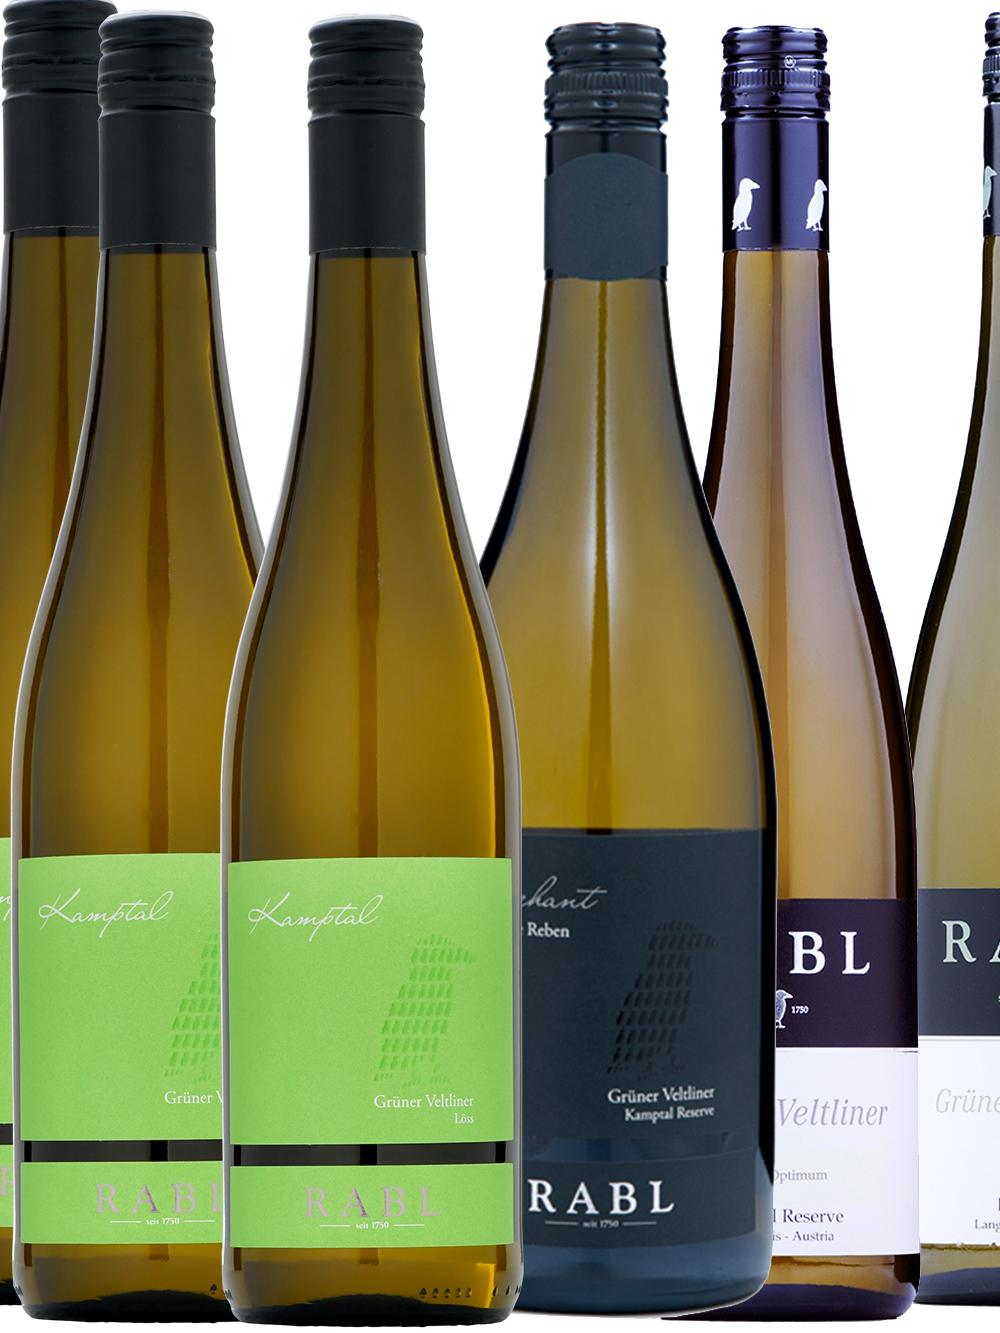 Ontdek de wijnen van Rudolf Rabl